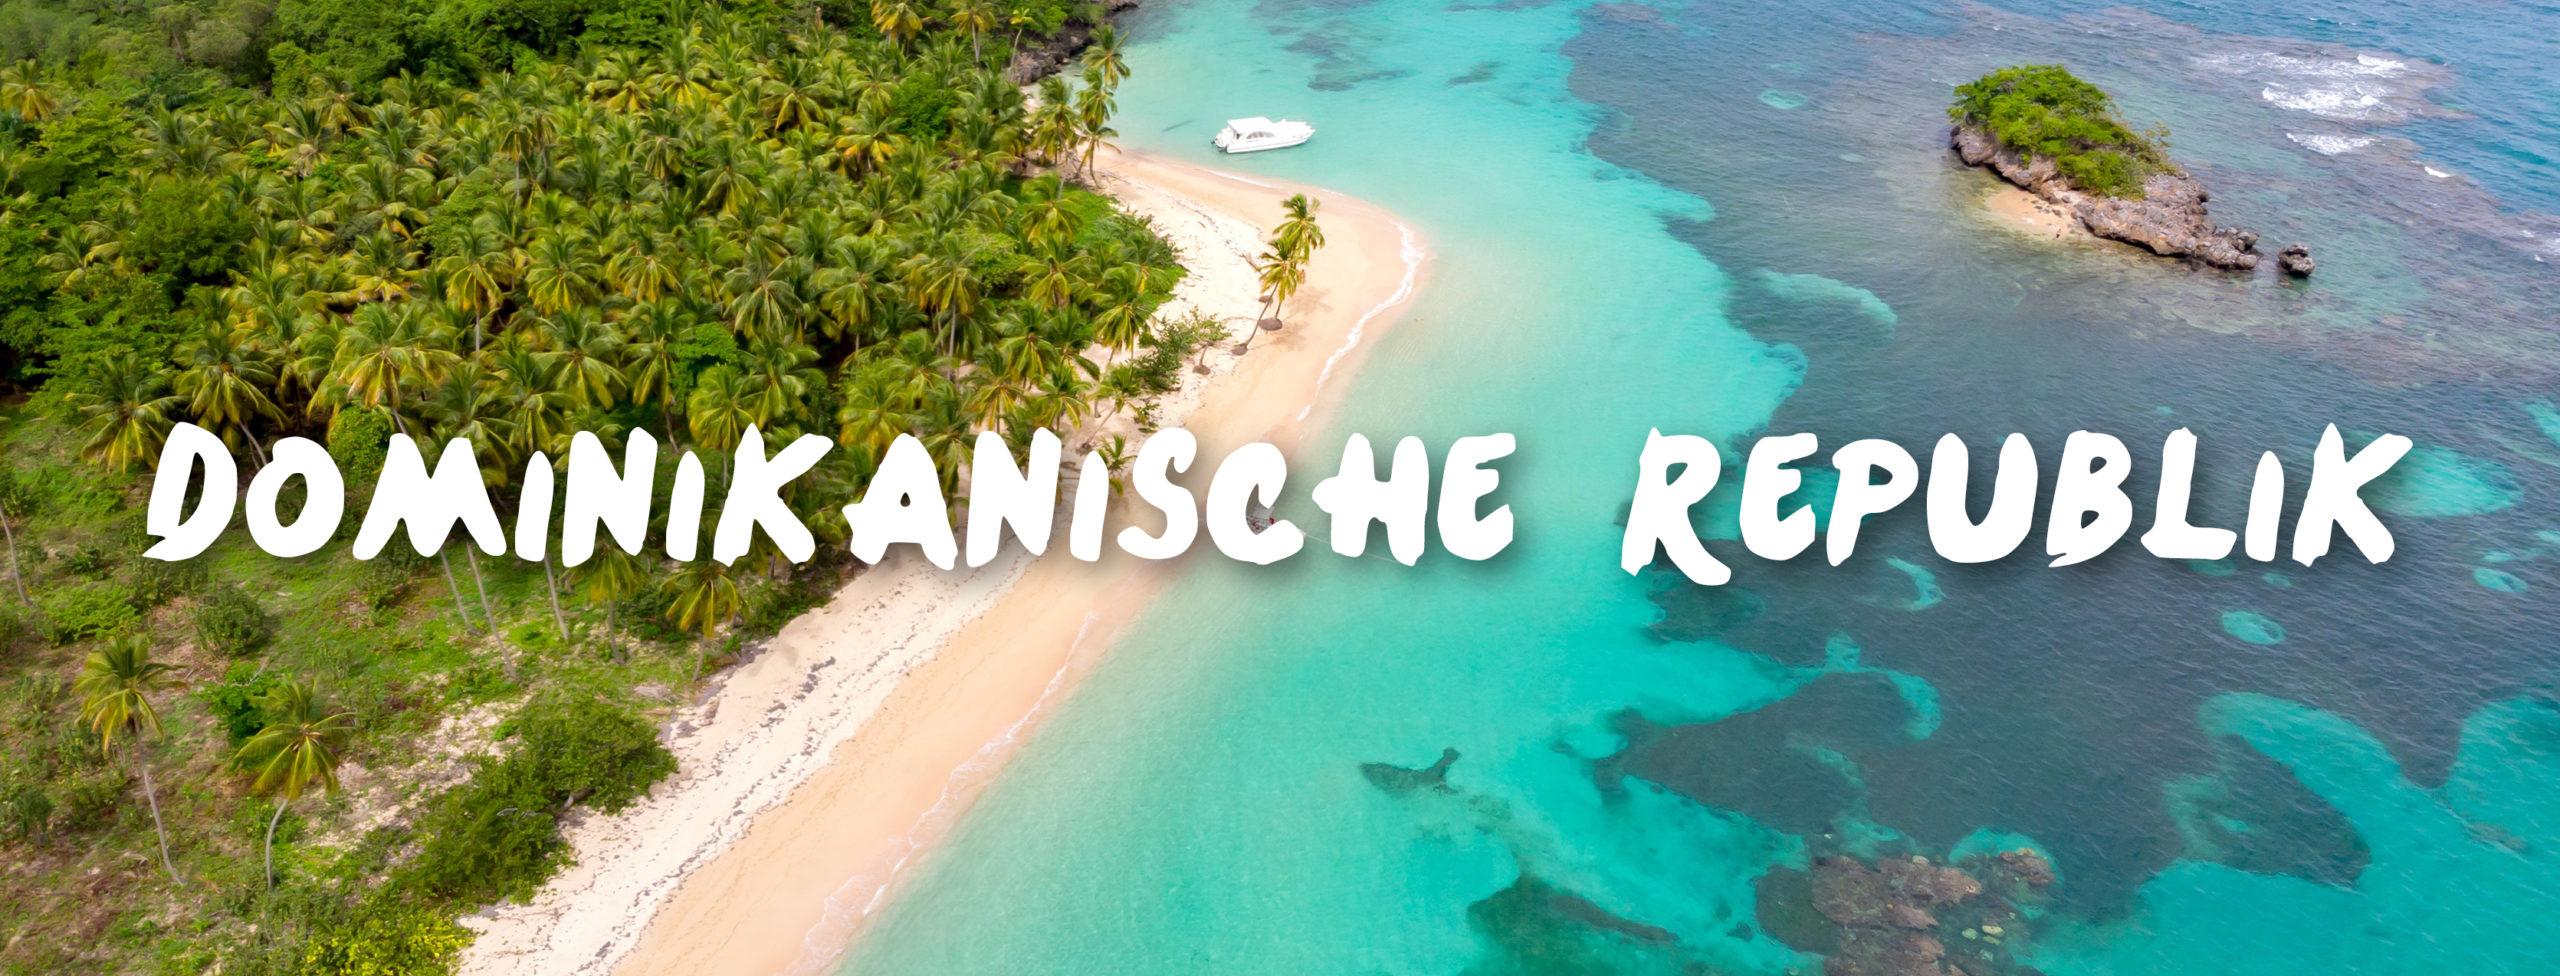 Dominikanische Republik Urlaub buchen Reisebüro Rosenheim Wagner Reisen Raubling